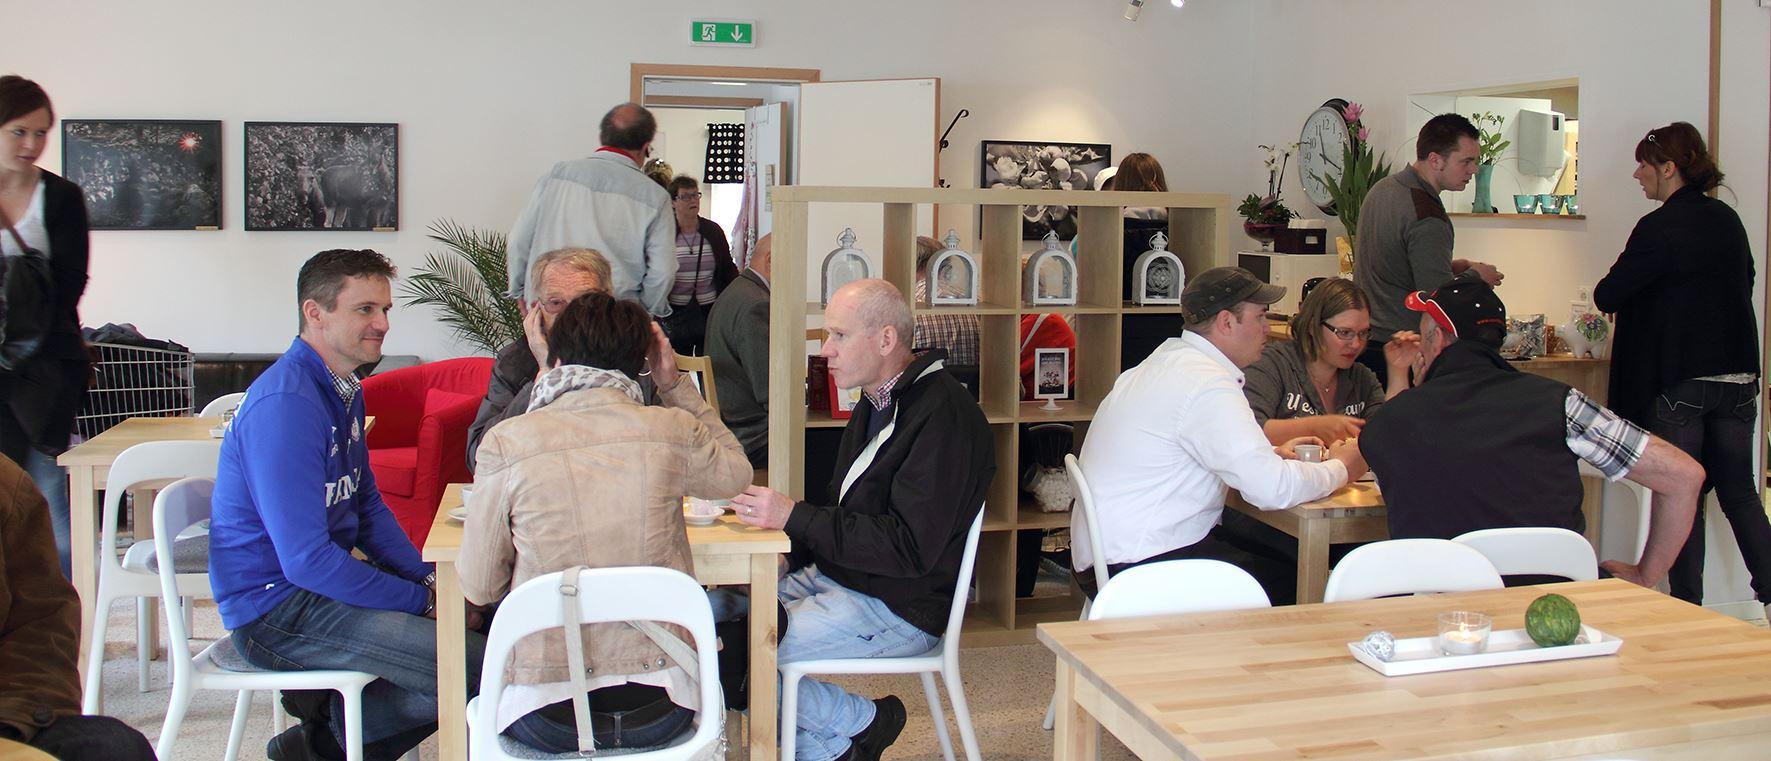 Foto: Tomas Wilke, Agundabodens café